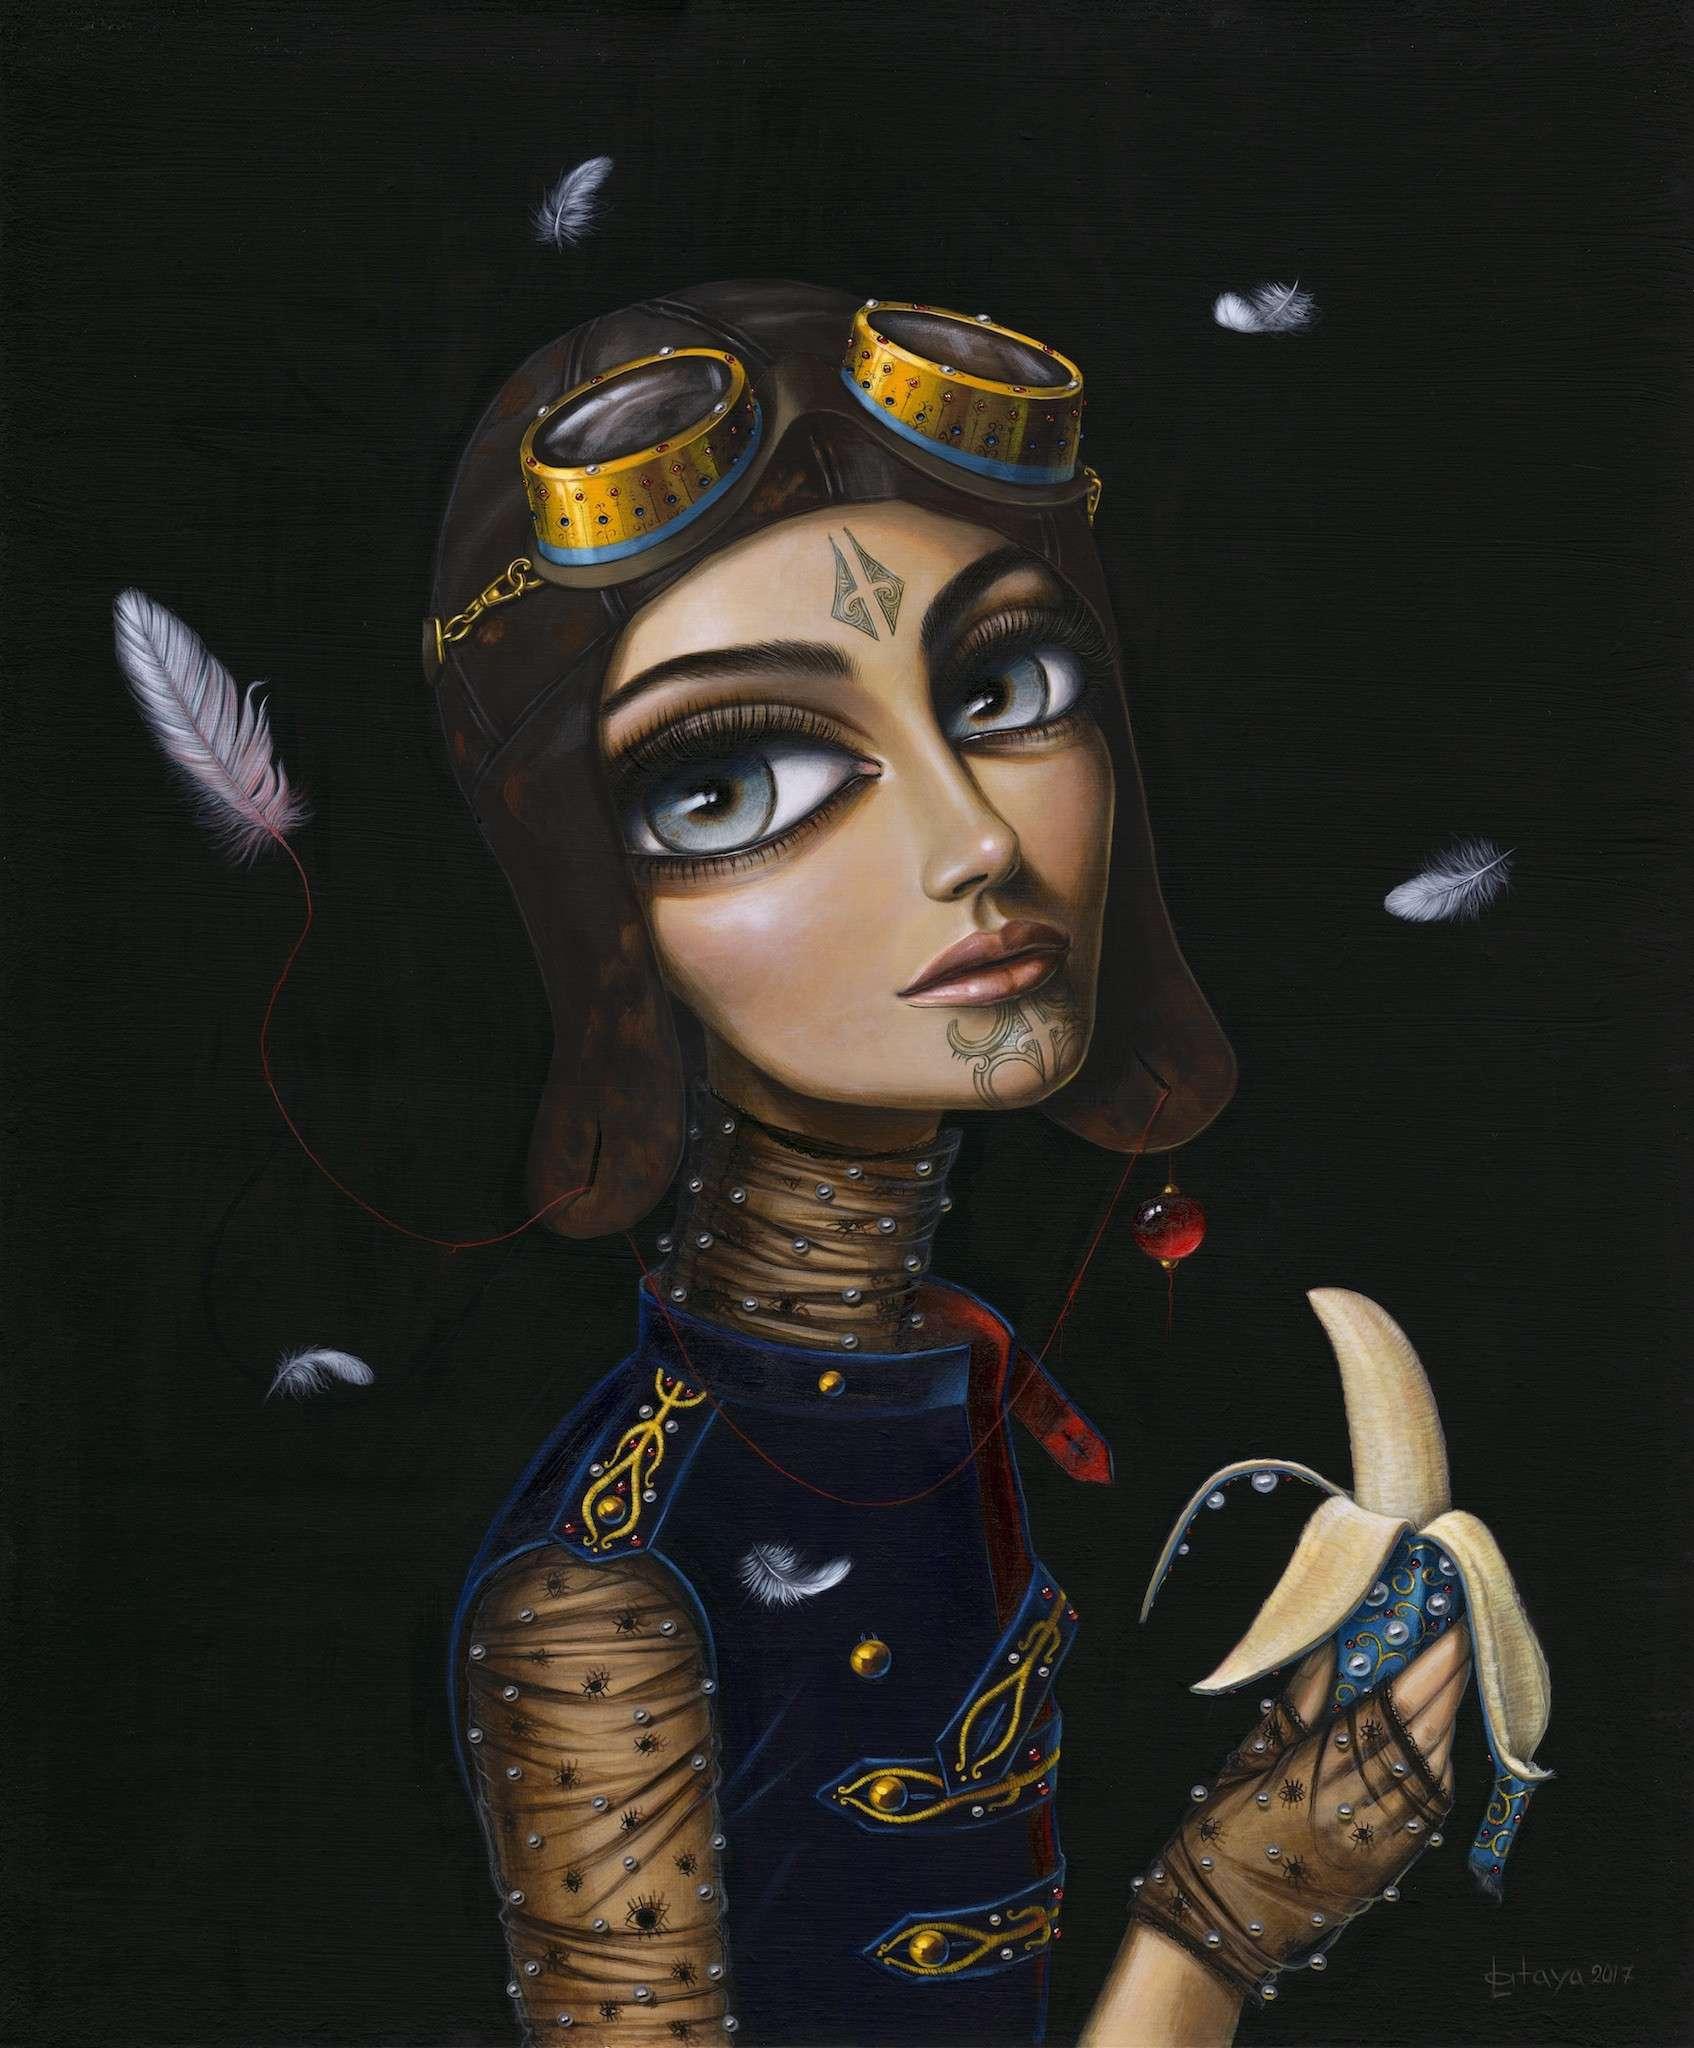 Leila Ataya